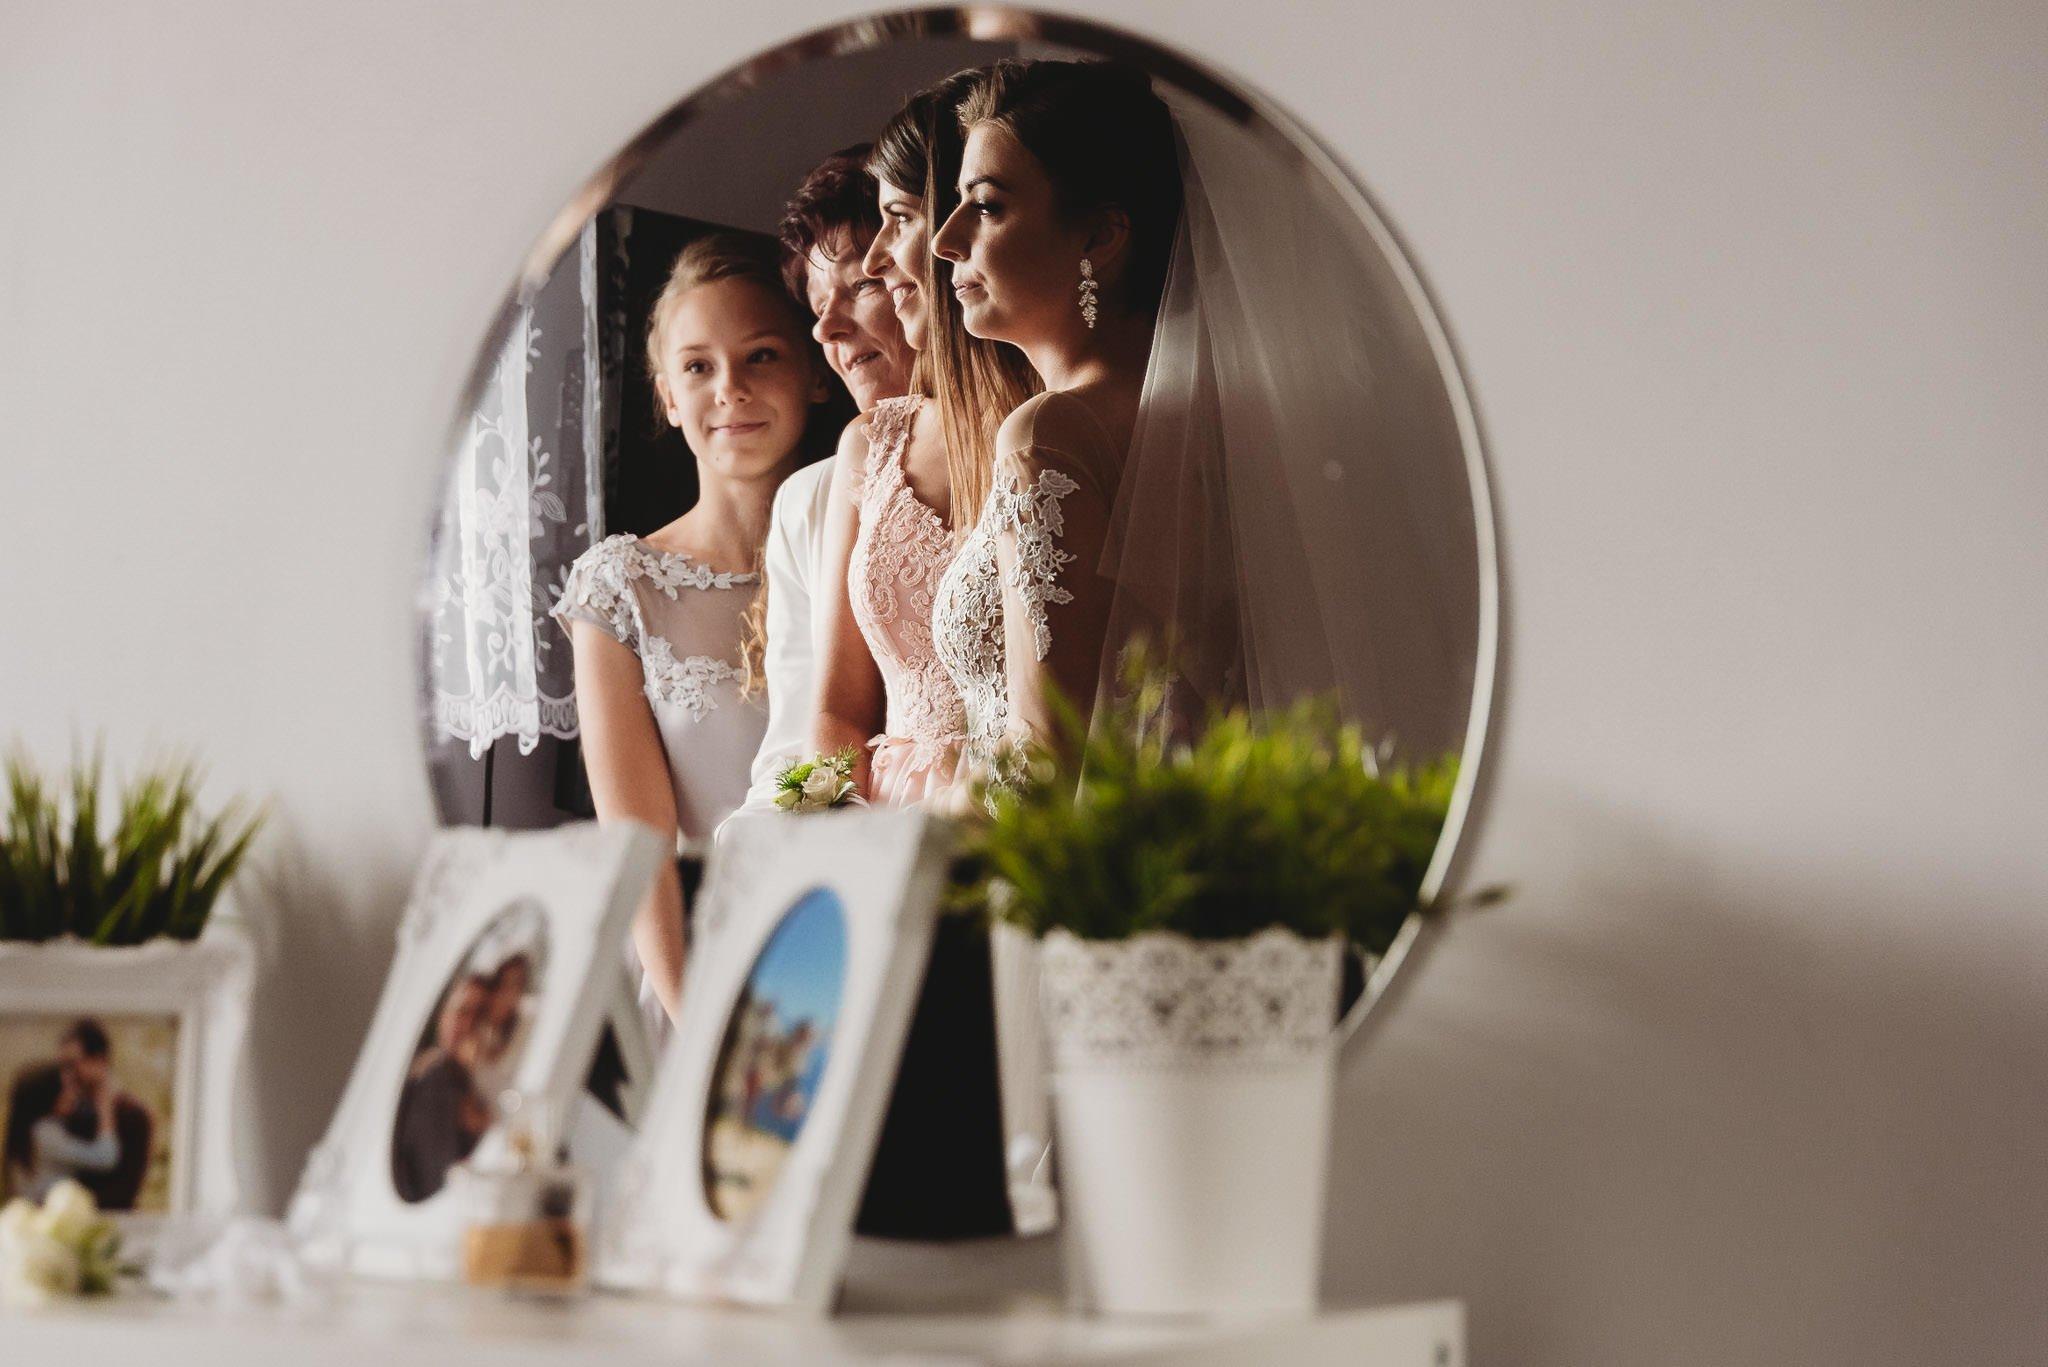 Angelika i Michał, piękne zdjęcia ślubne i sesja plenerowa w Gołuchowie 60